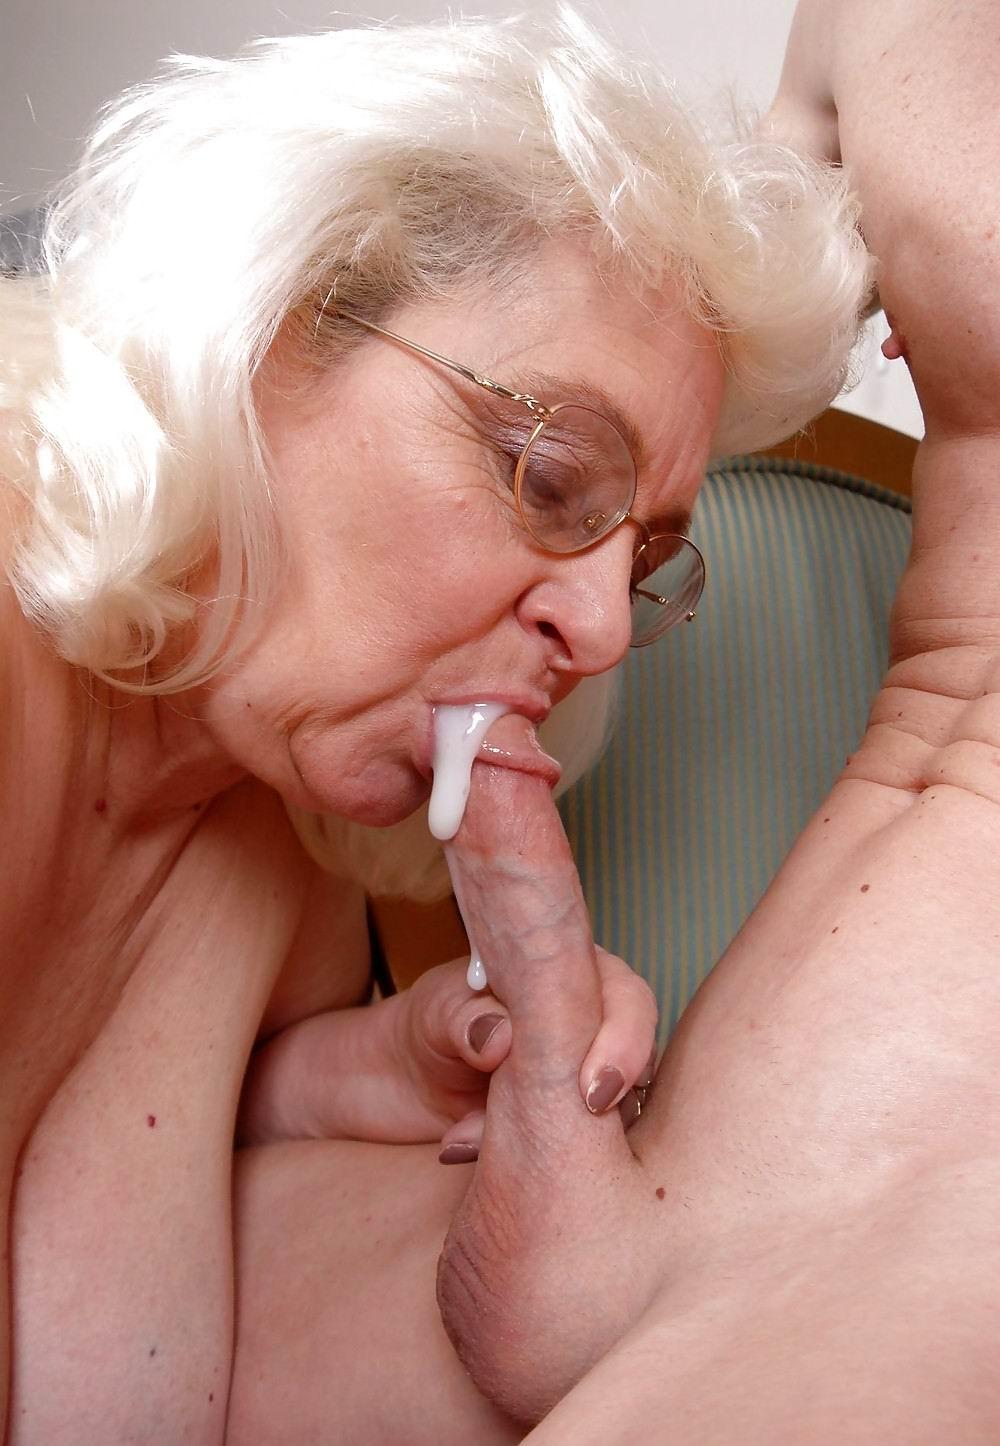 Сперма в бабушке фото/видео смотреть онлайн фотоография